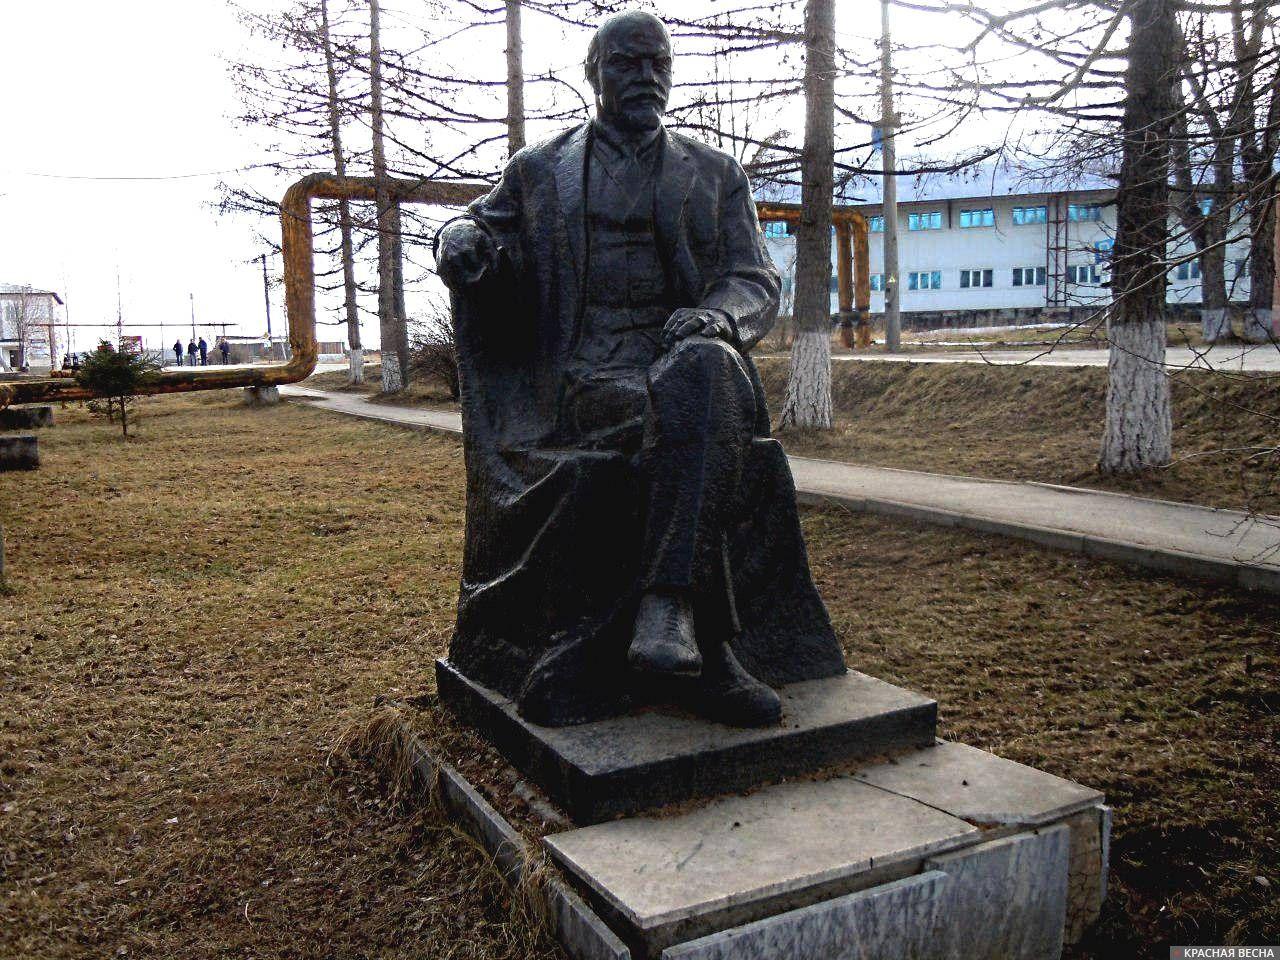 Памятник Владимиру Ильичу Ленину около районной администрации г. Кусы. Челябинская область. Установлен в 1970 г